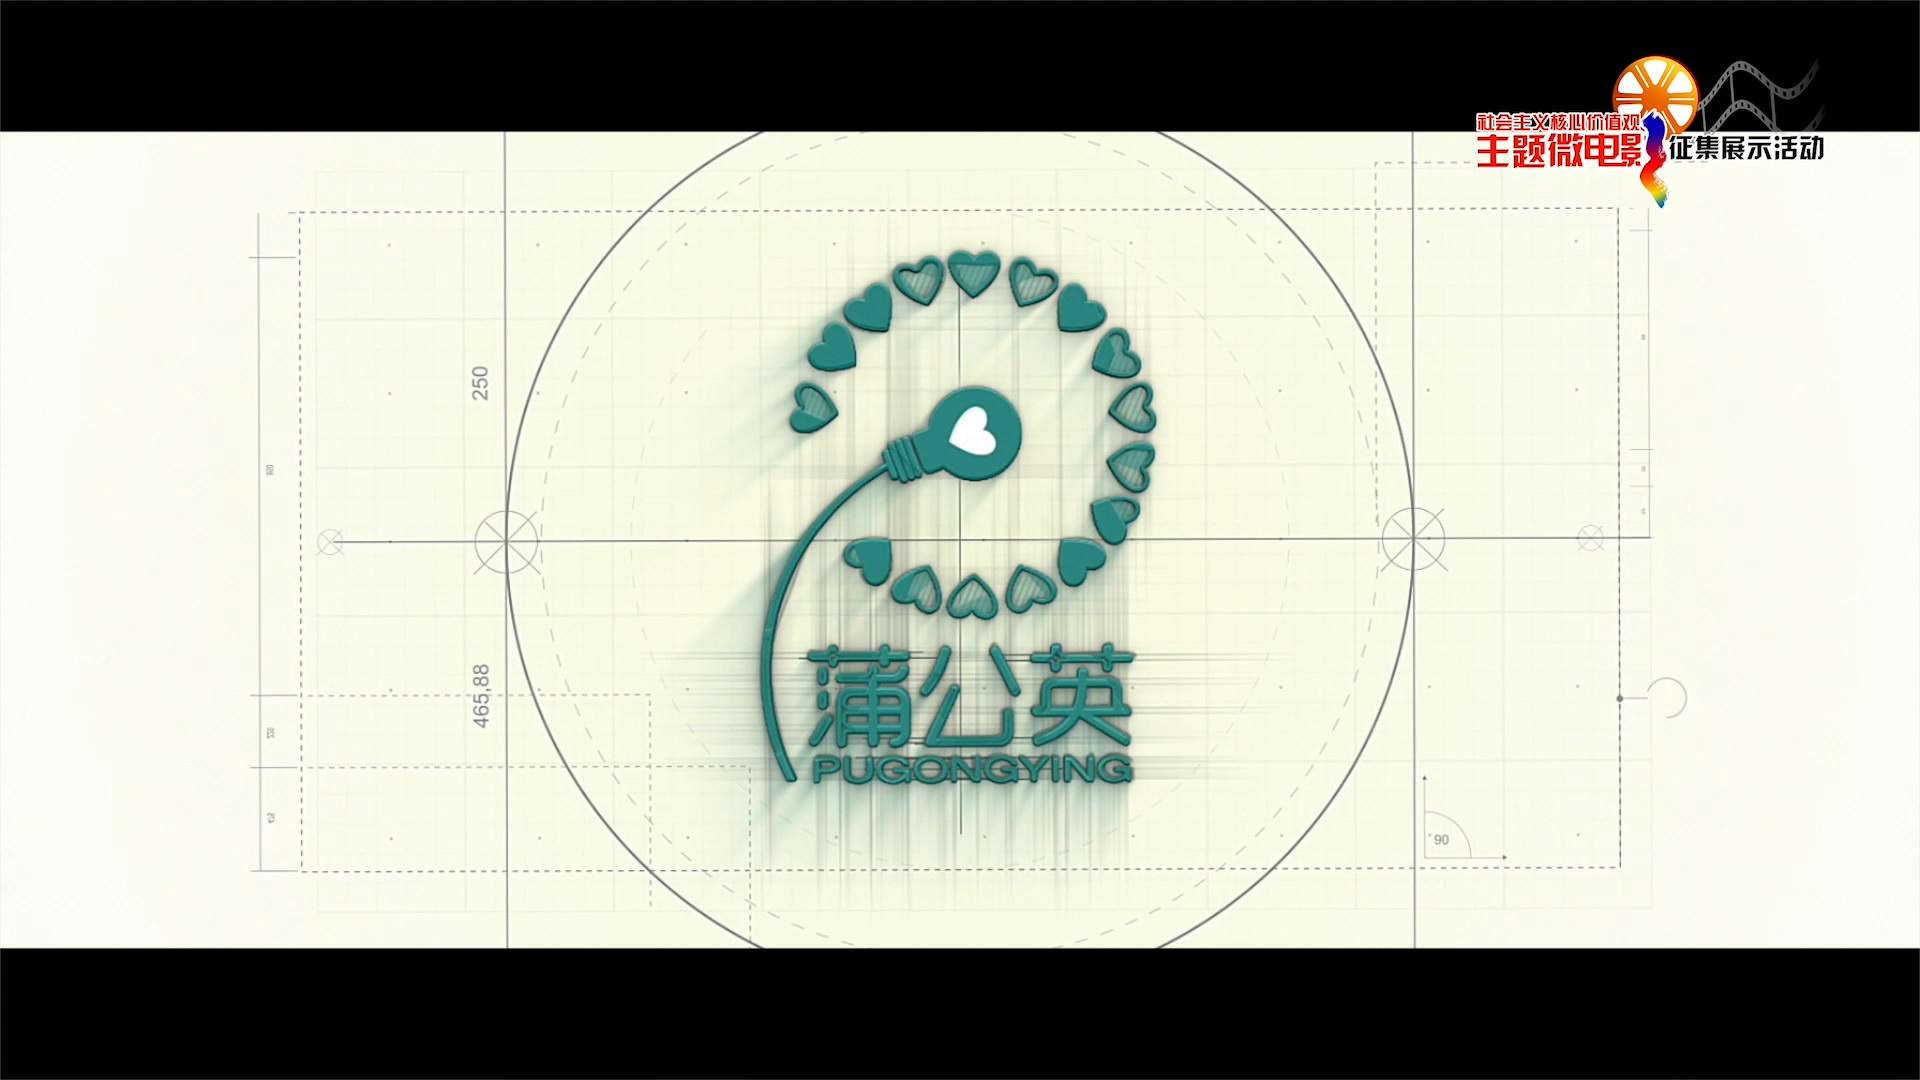 霓虹灯下的蒲公英(上海)[00_00_05][20200103-082808-1].JPG